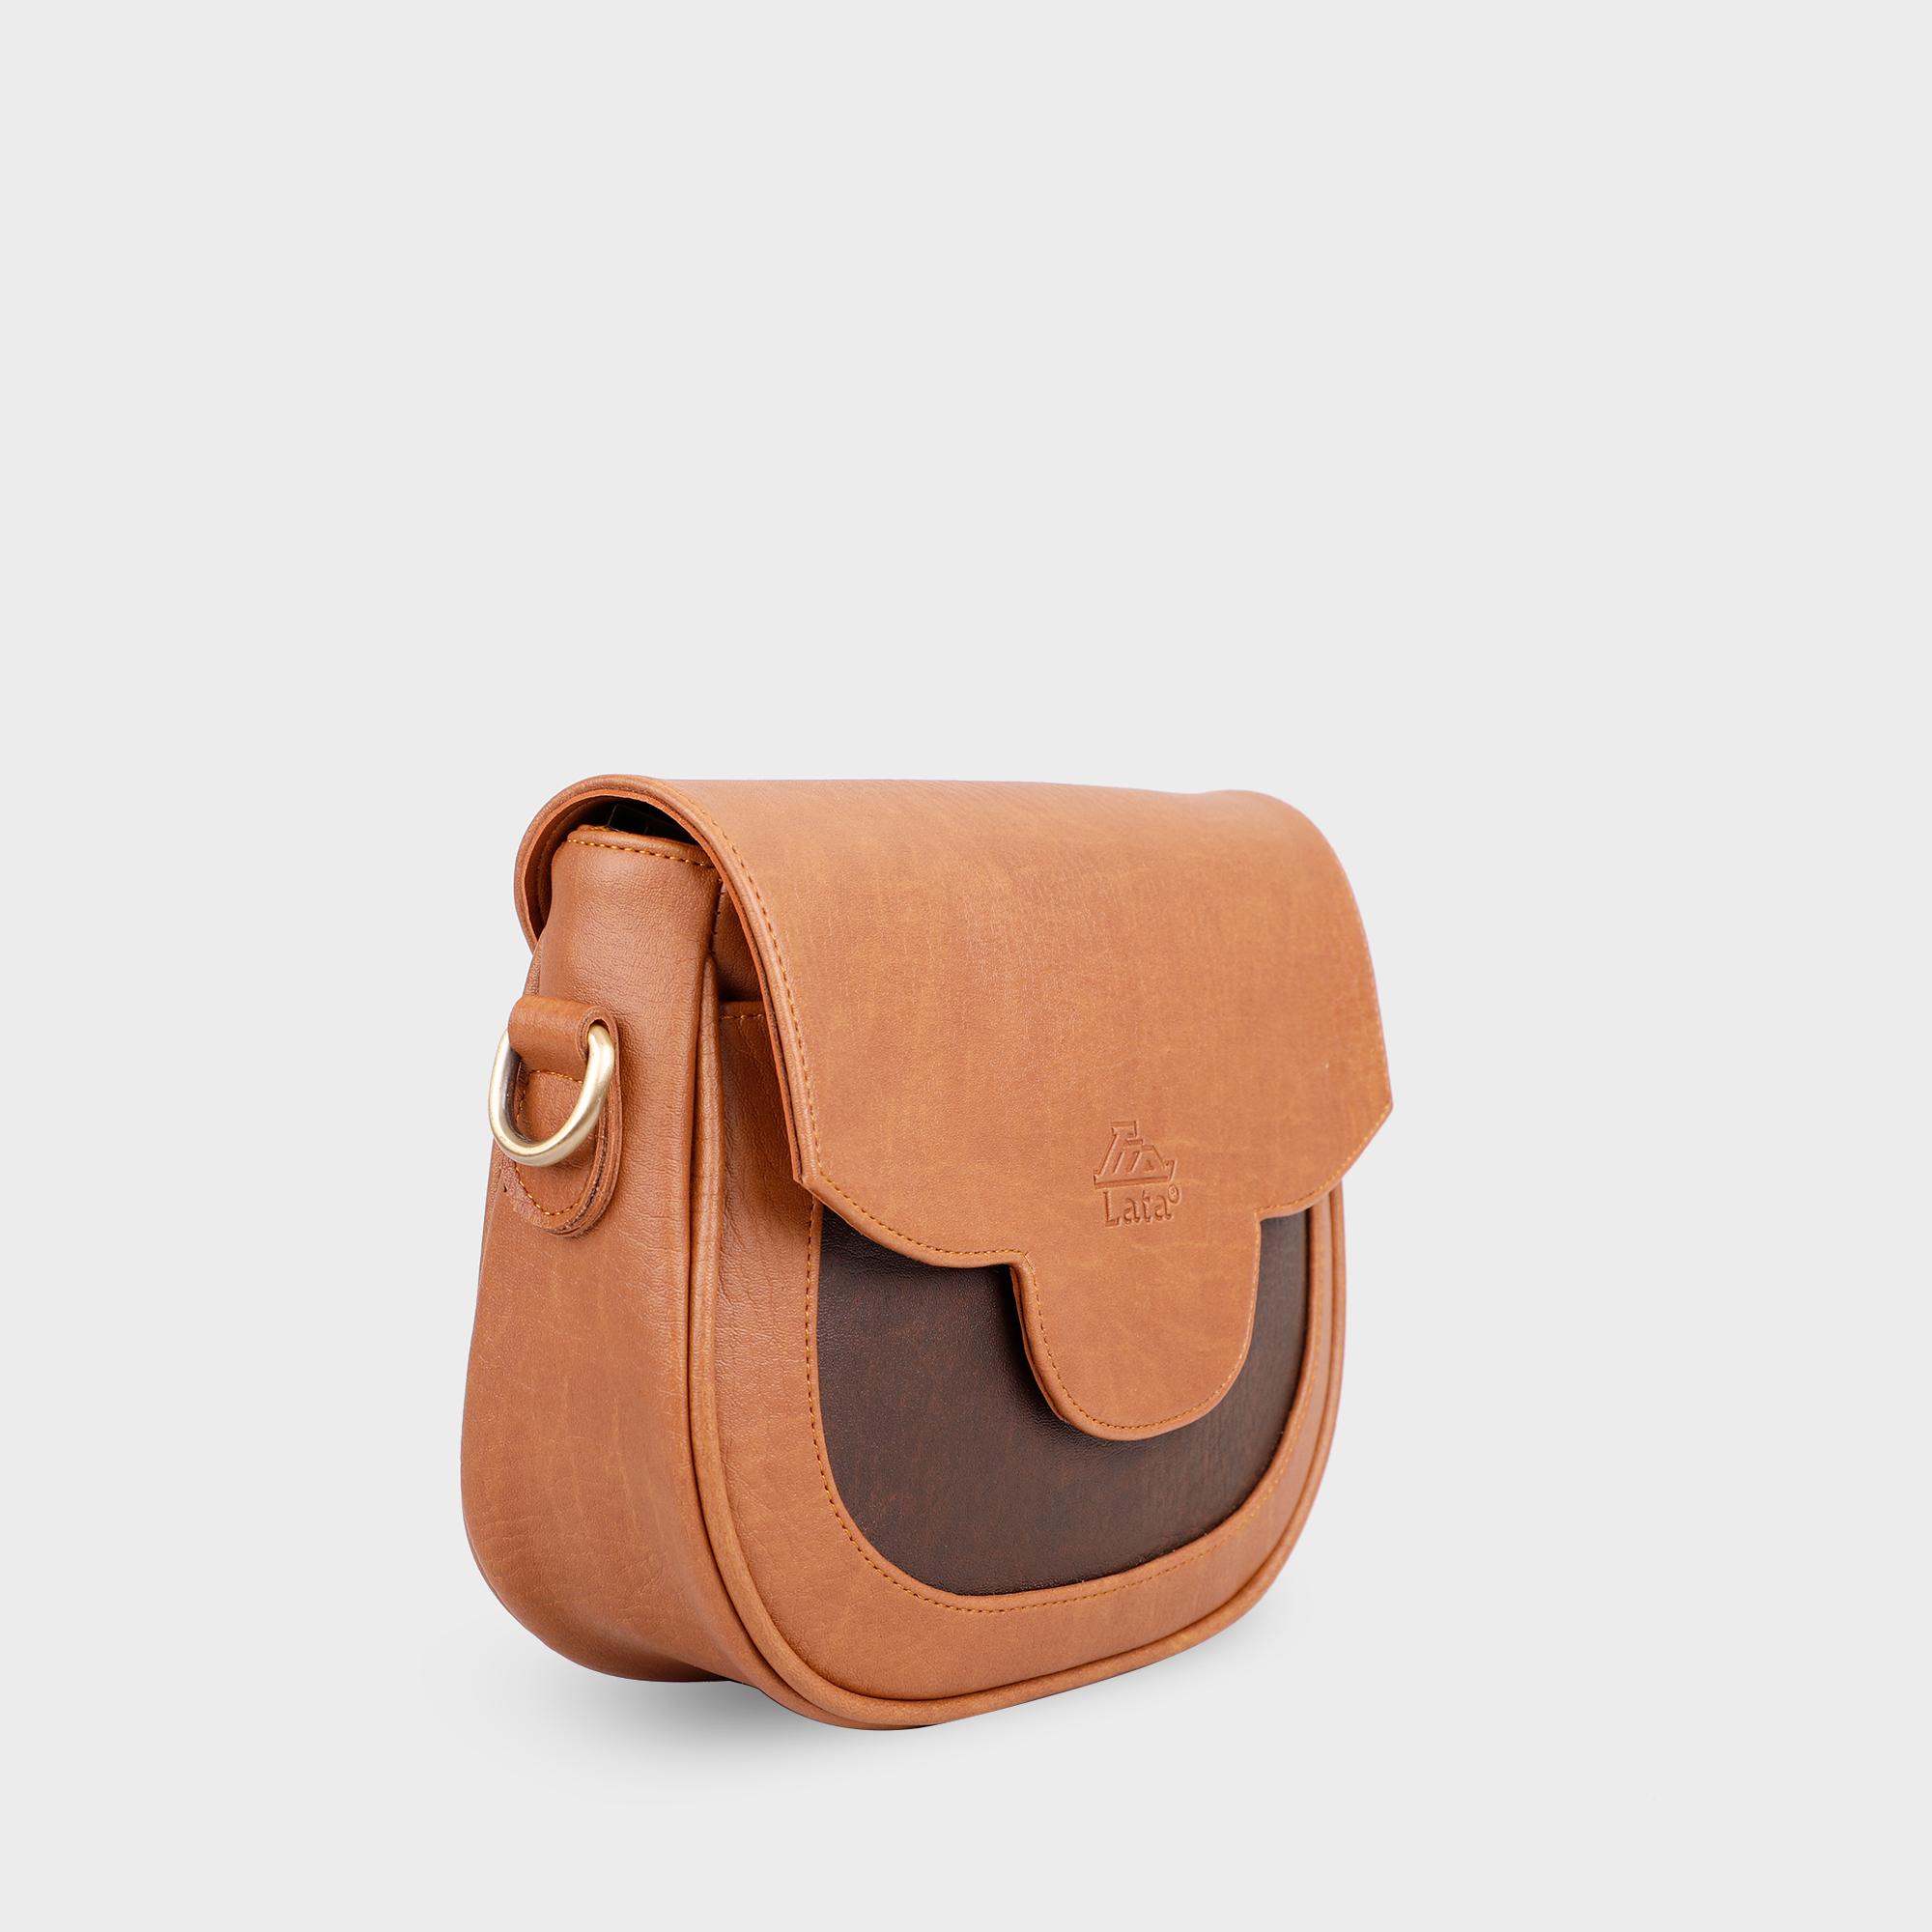 Túi đeo chéo nữ thời trang đa năng LATA HN75